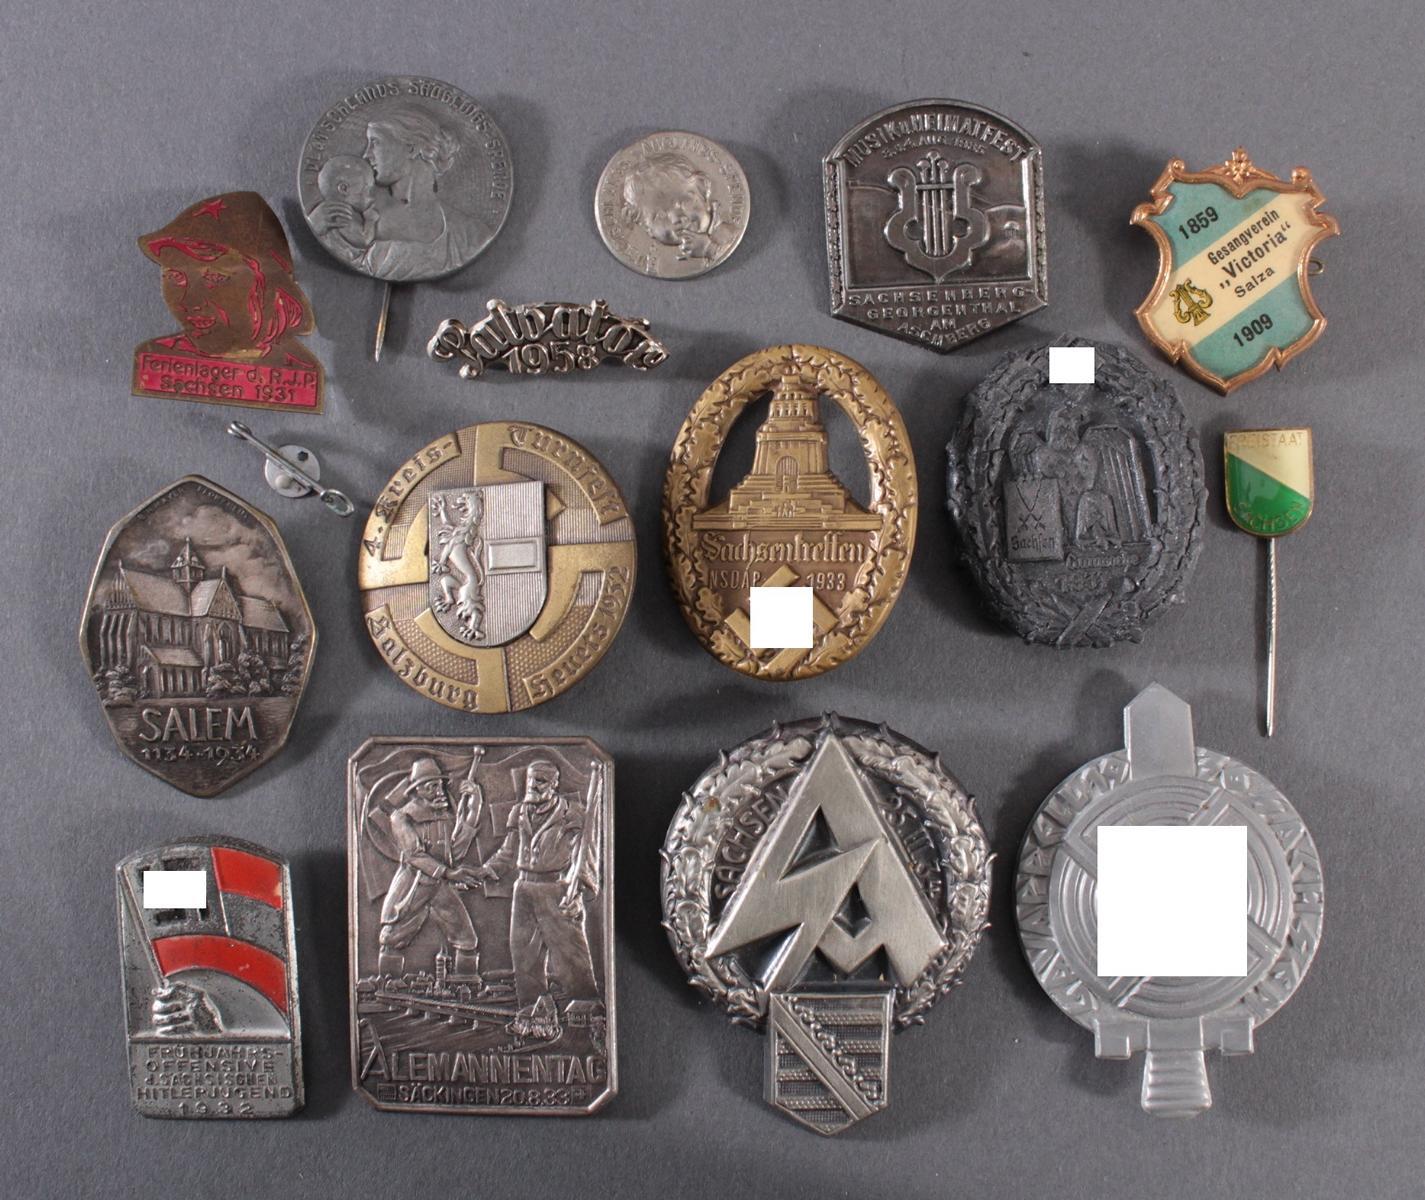 Sammlung Mitglieds- und Veranstaltungsabzeichen Sachsen Salzburg, 15 Stück